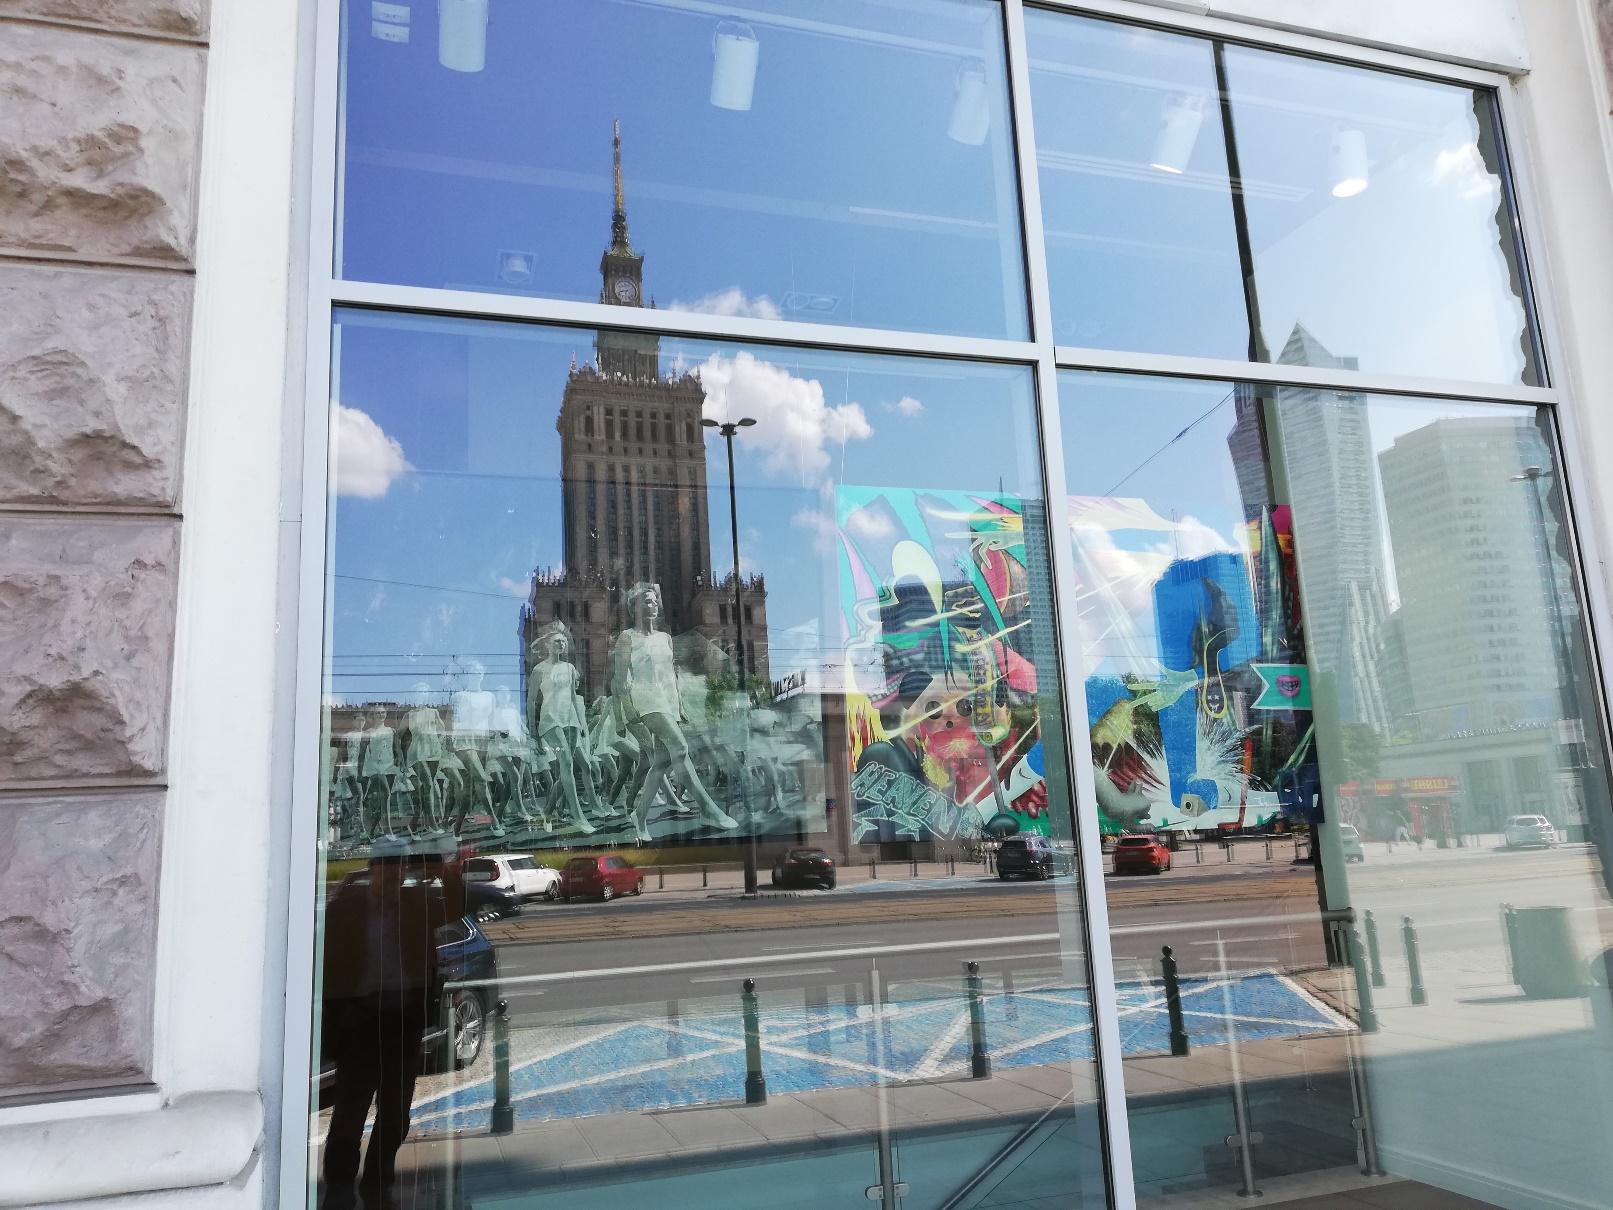 Odbicie w witrynie wystawy What I Want - Kolekcja Nocny Art Patrol w Muzeum im. Bolesława Biegasa